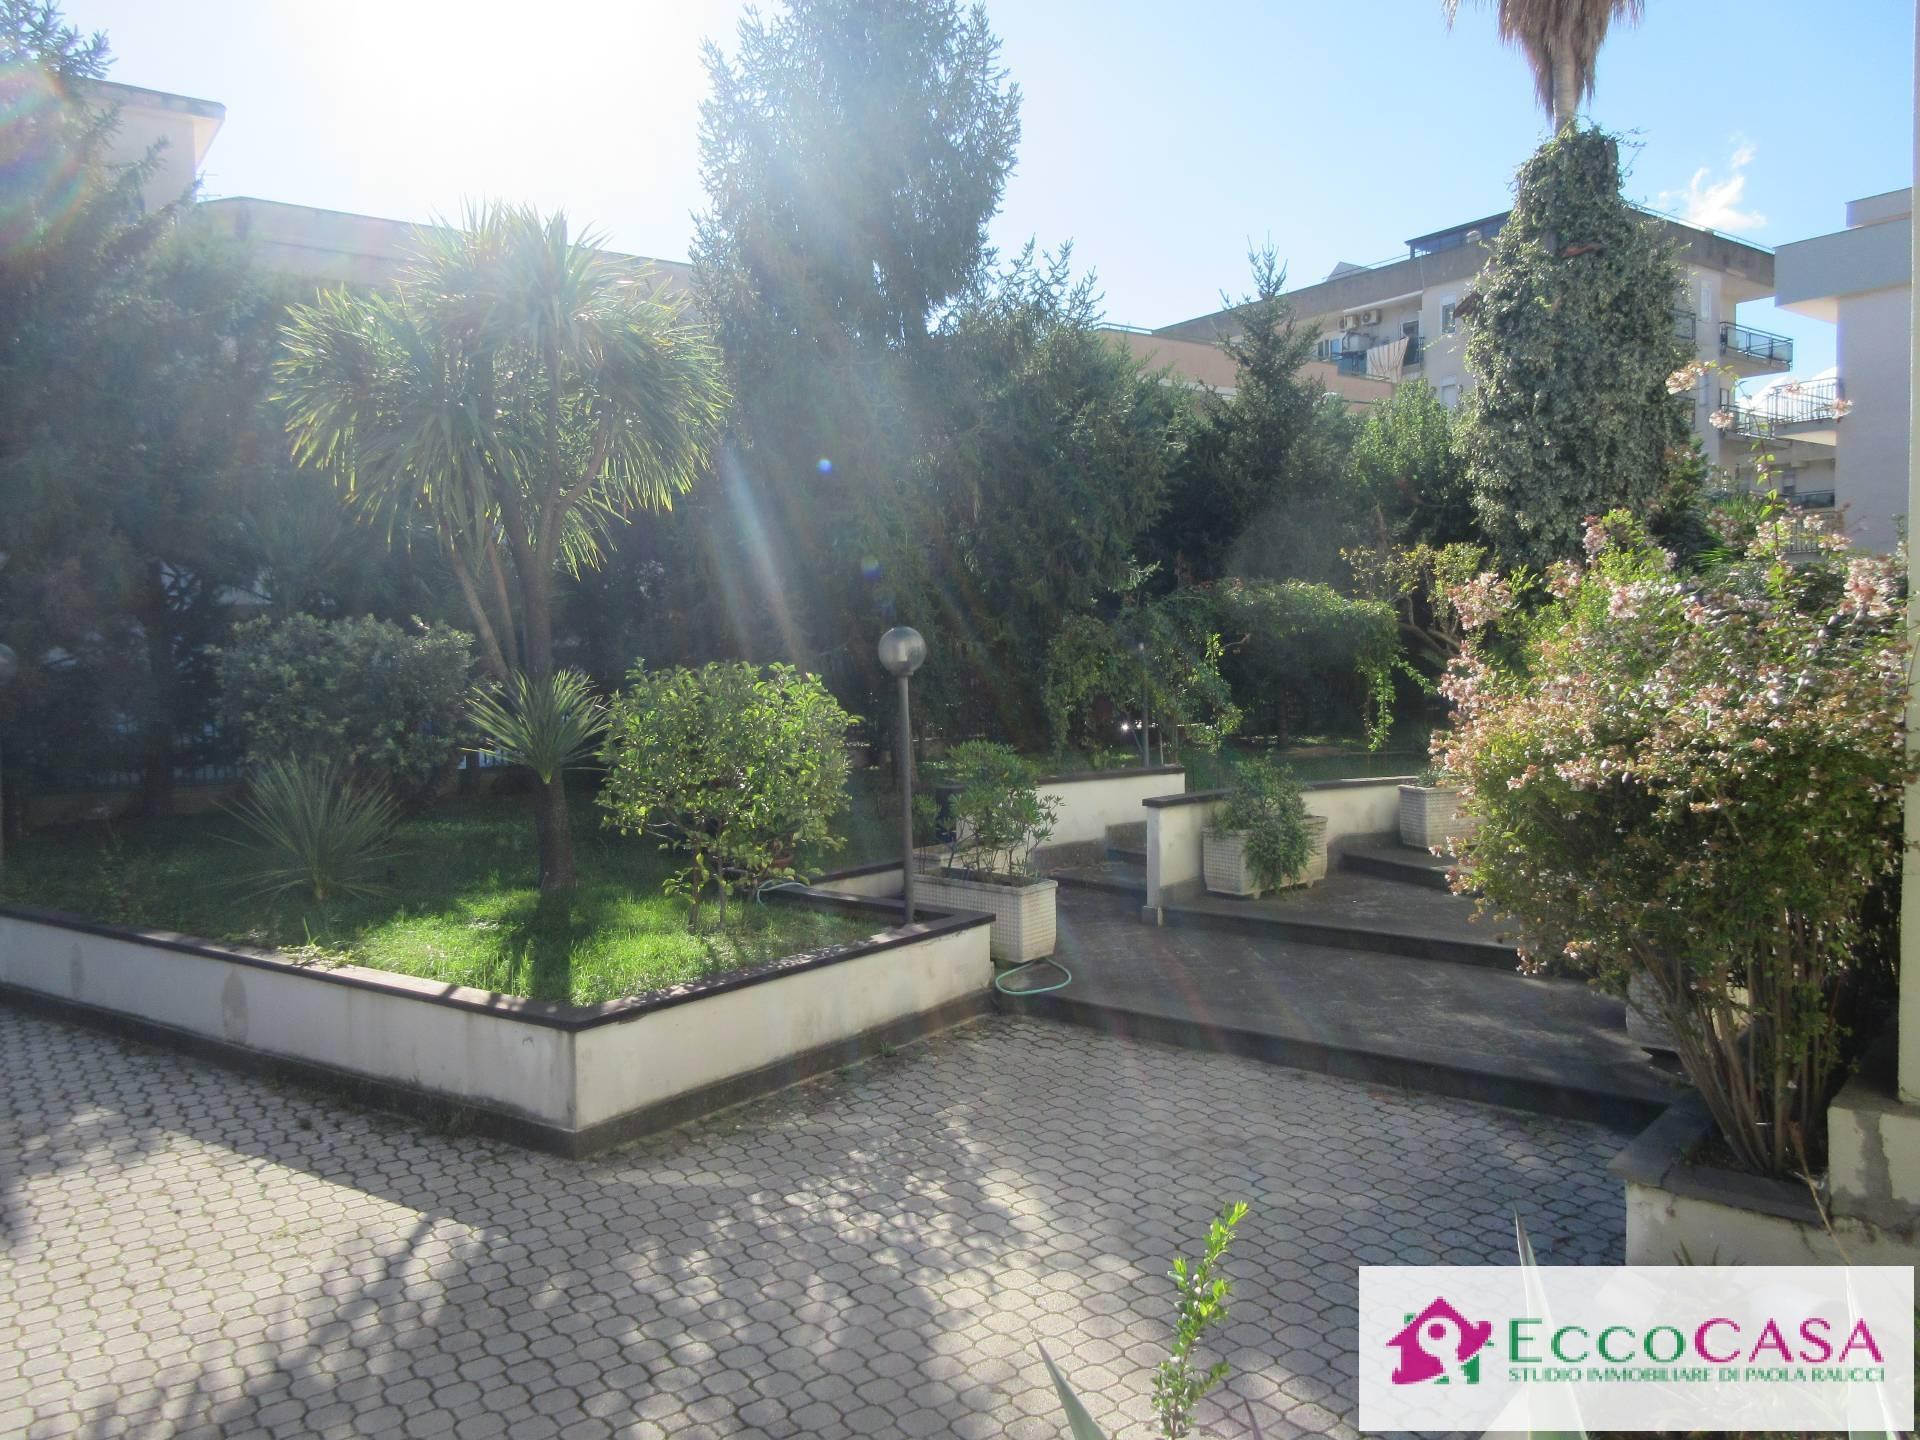 Villa in affitto a Maddaloni, 20 locali, Trattative riservate | Cambio Casa.it